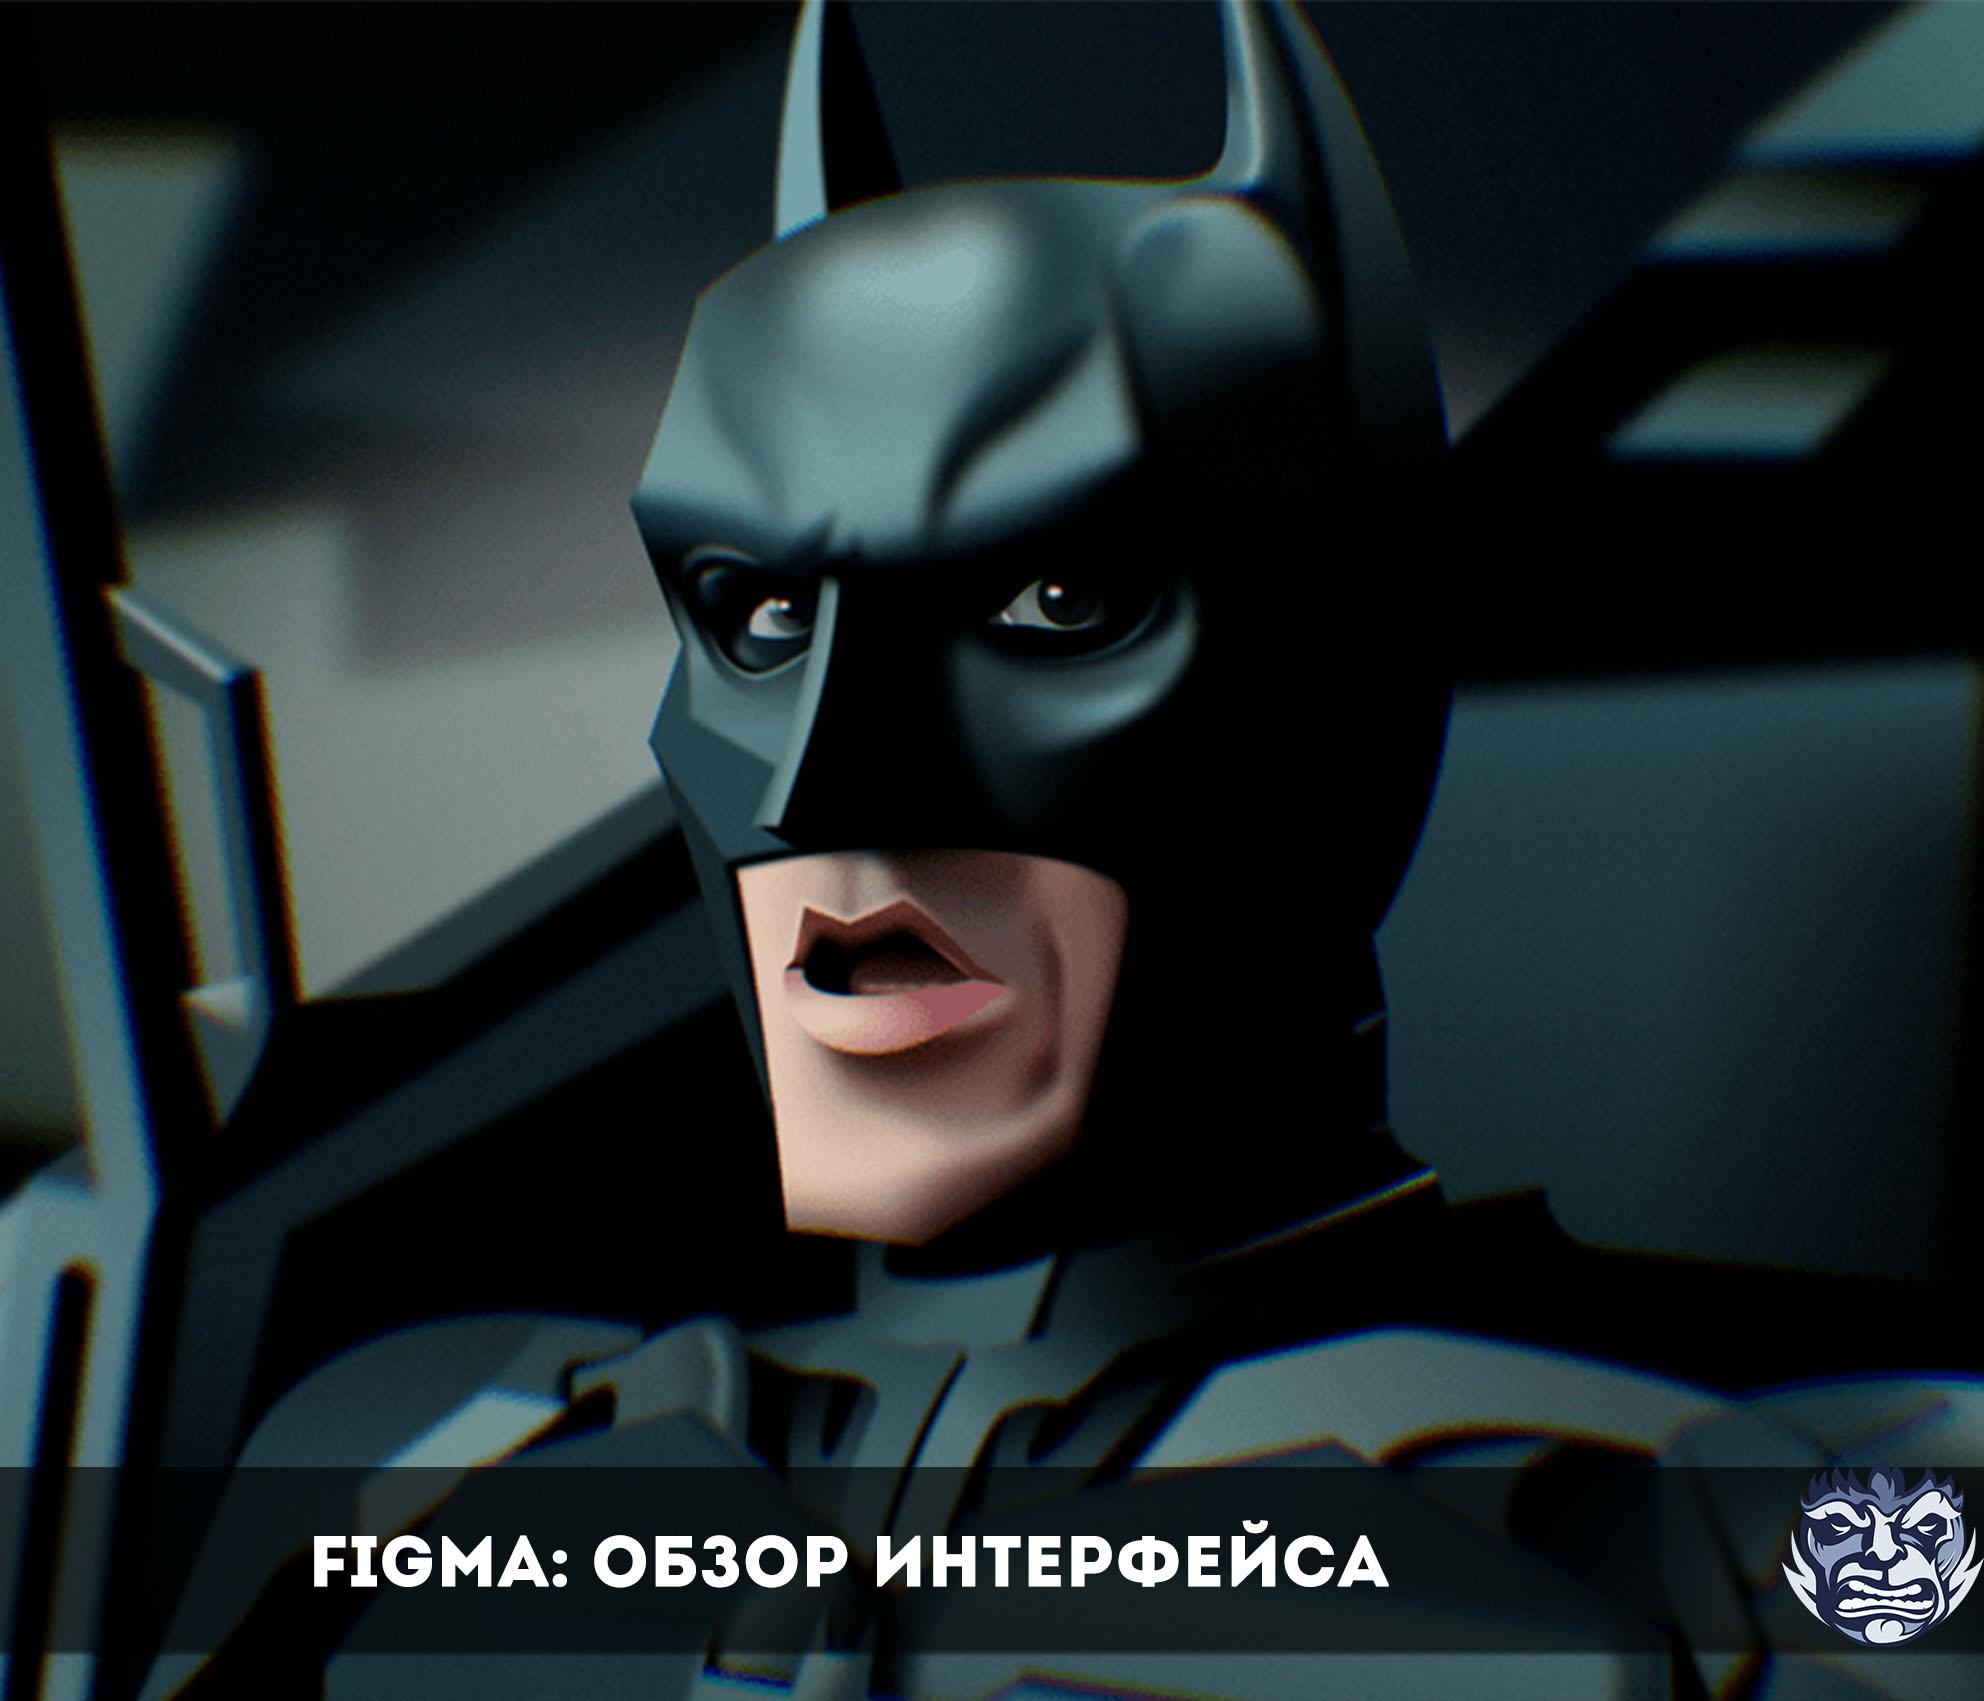 Figma: обзор интерфейса